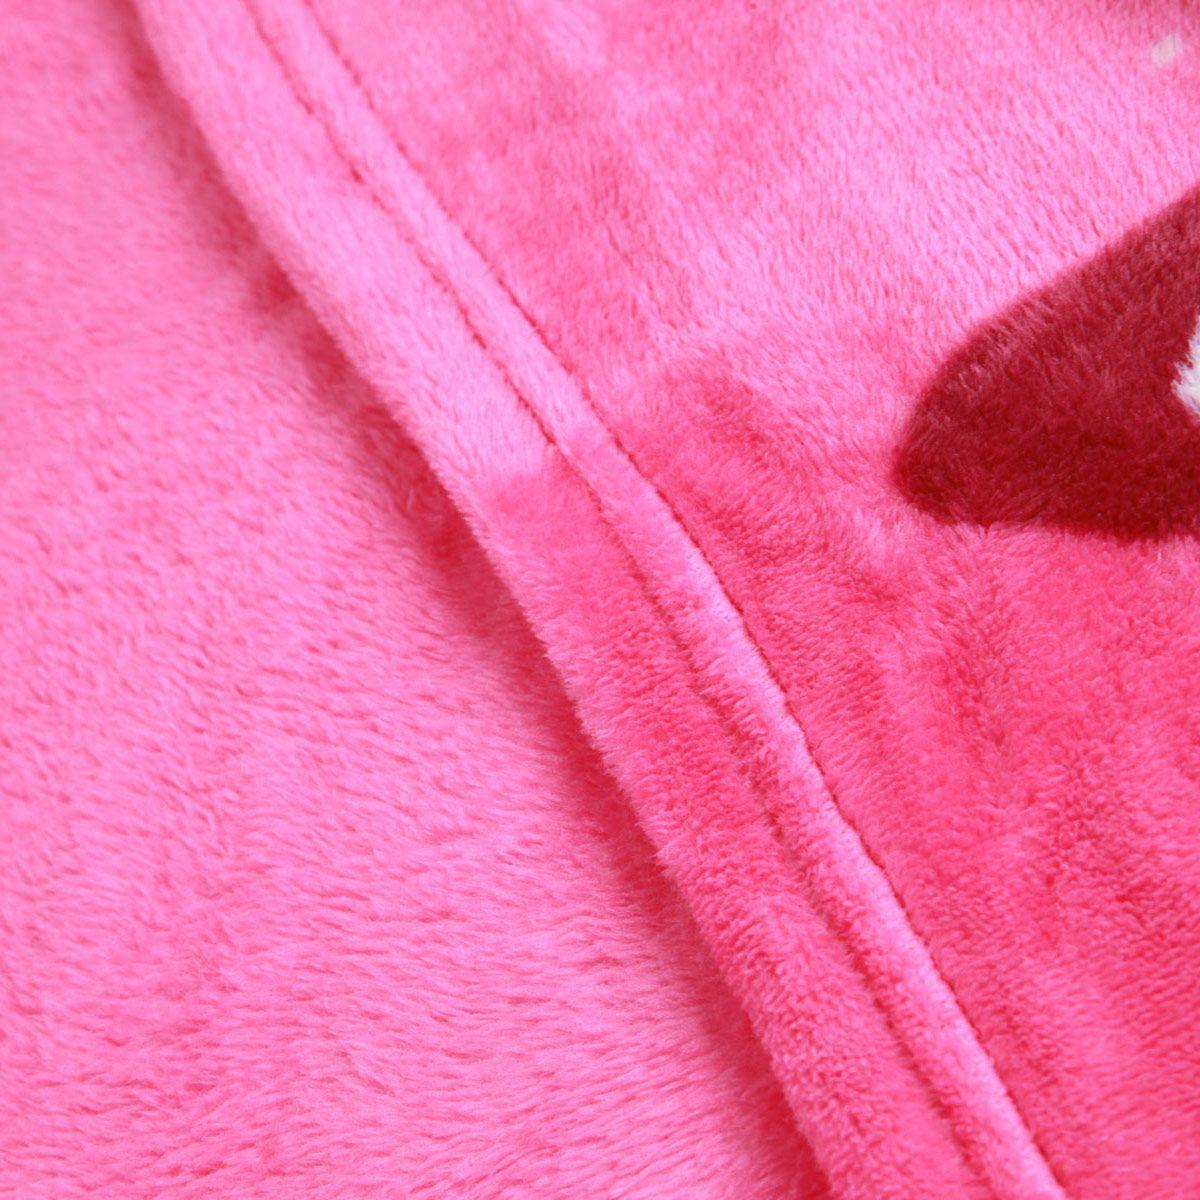 Cobertor Manta Fleece Patrulha Canina Rosa Infantil Lepper